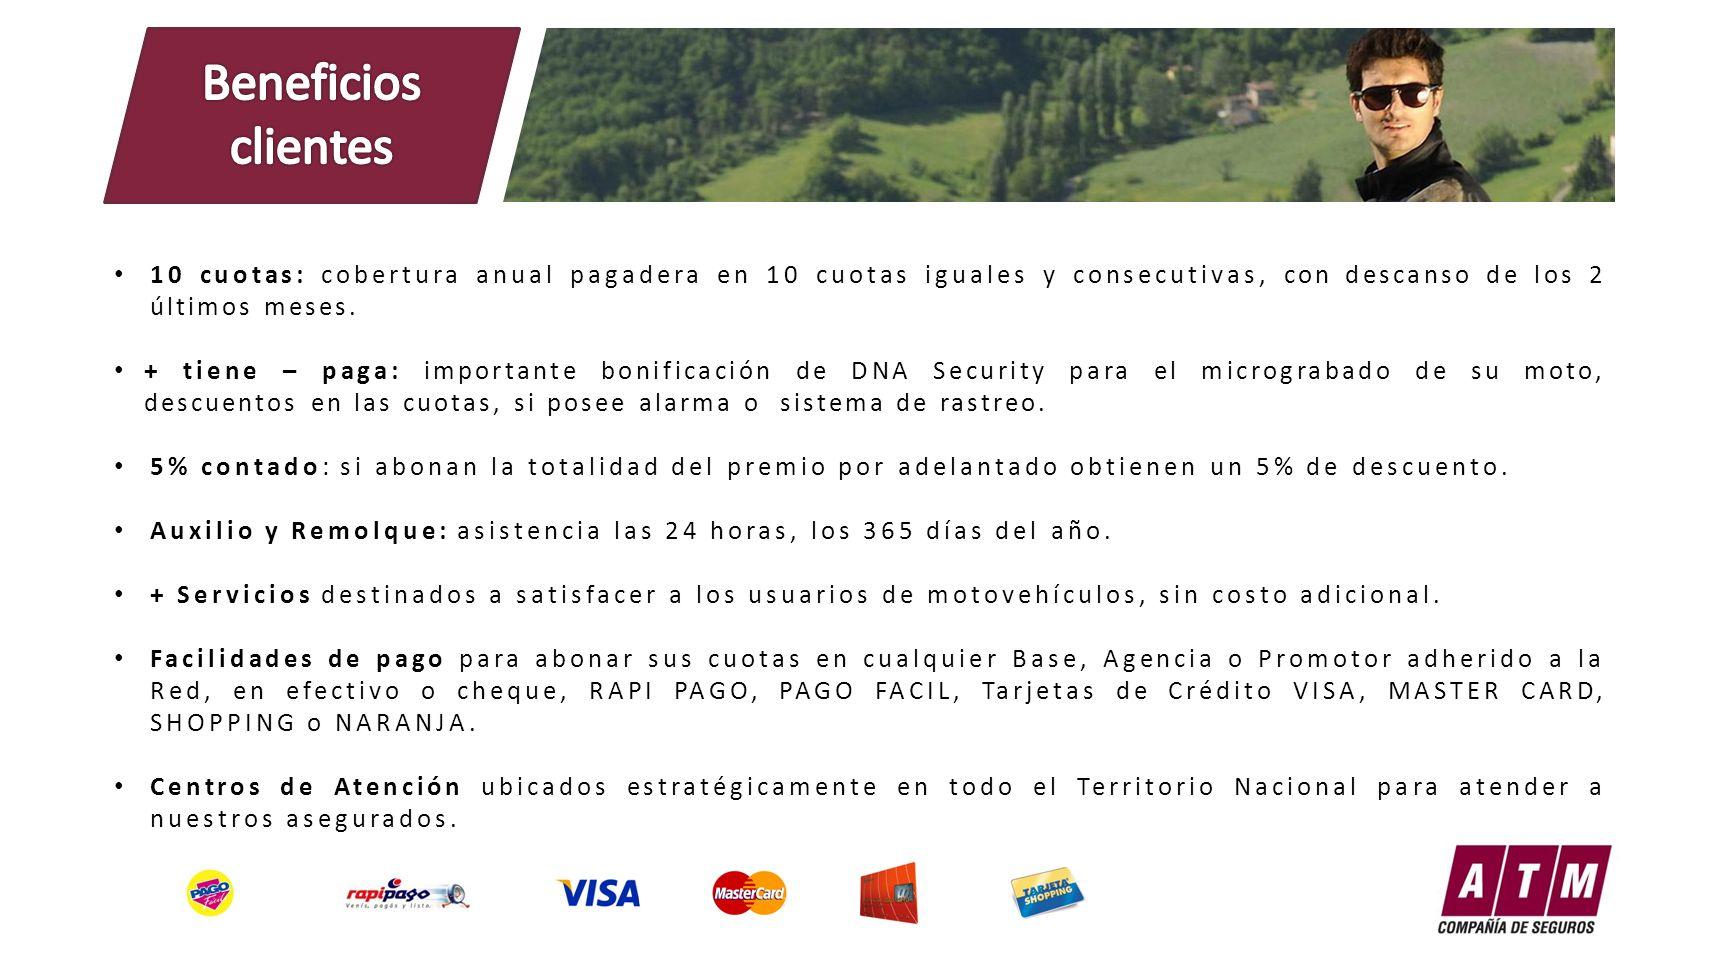 Beneficios clientes 10 cuotas: cobertura anual pagadera en 10 cuotas iguales y consecutivas, con descanso de los 2 últimos meses.